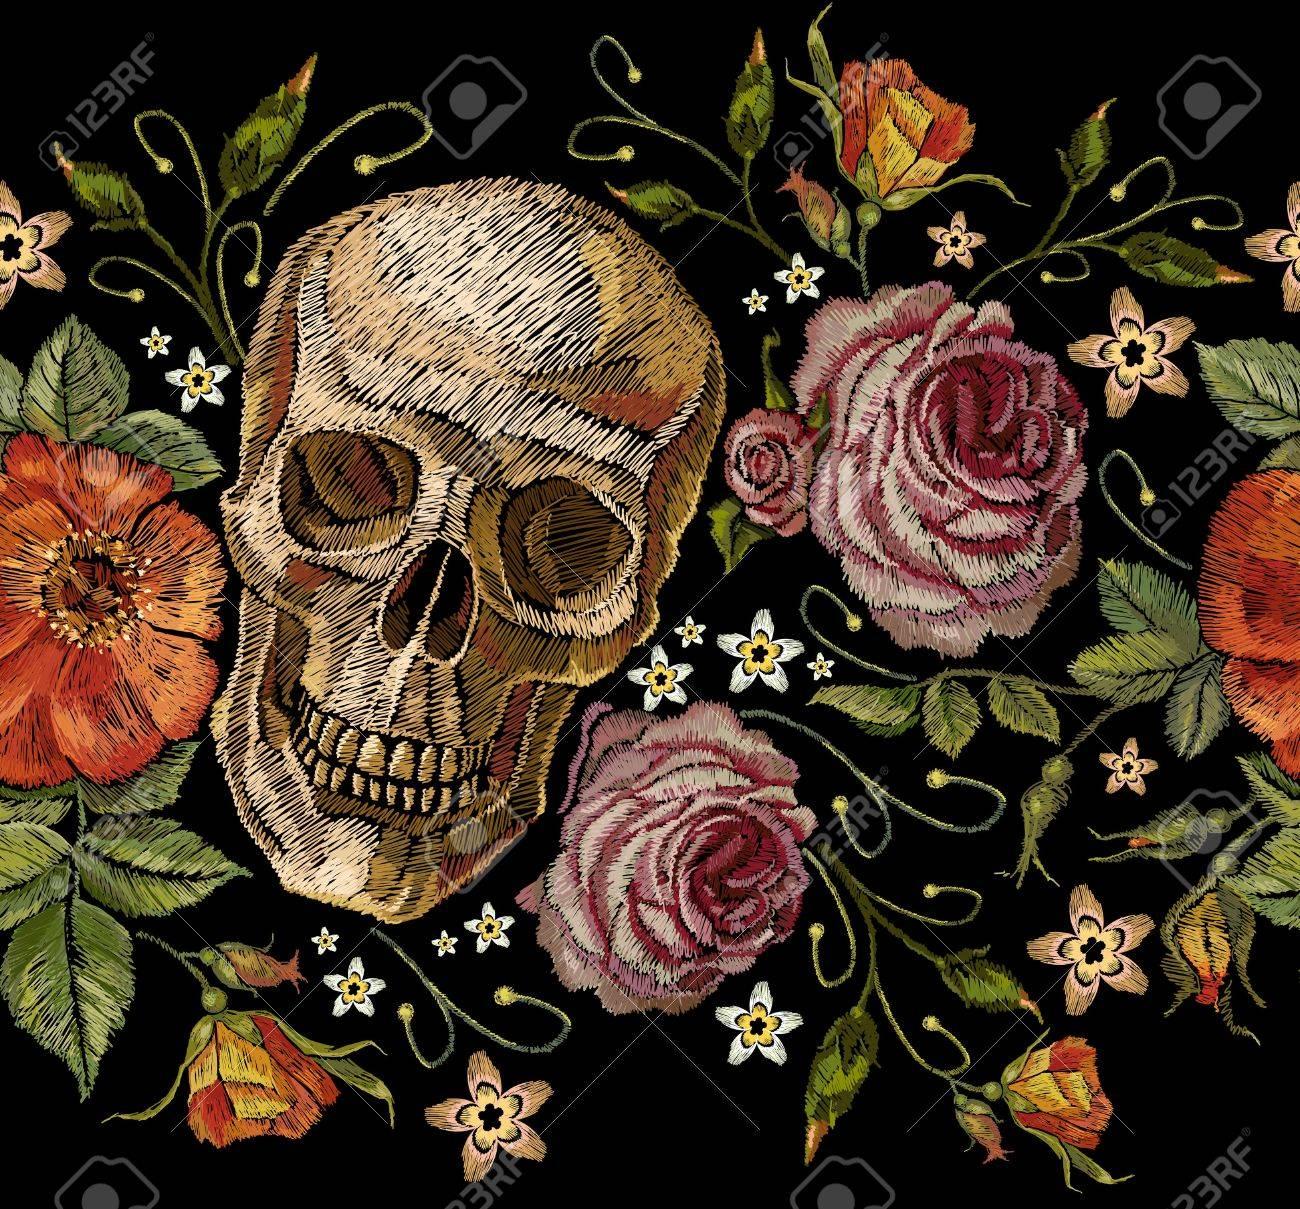 Kleidung dia de los muertos